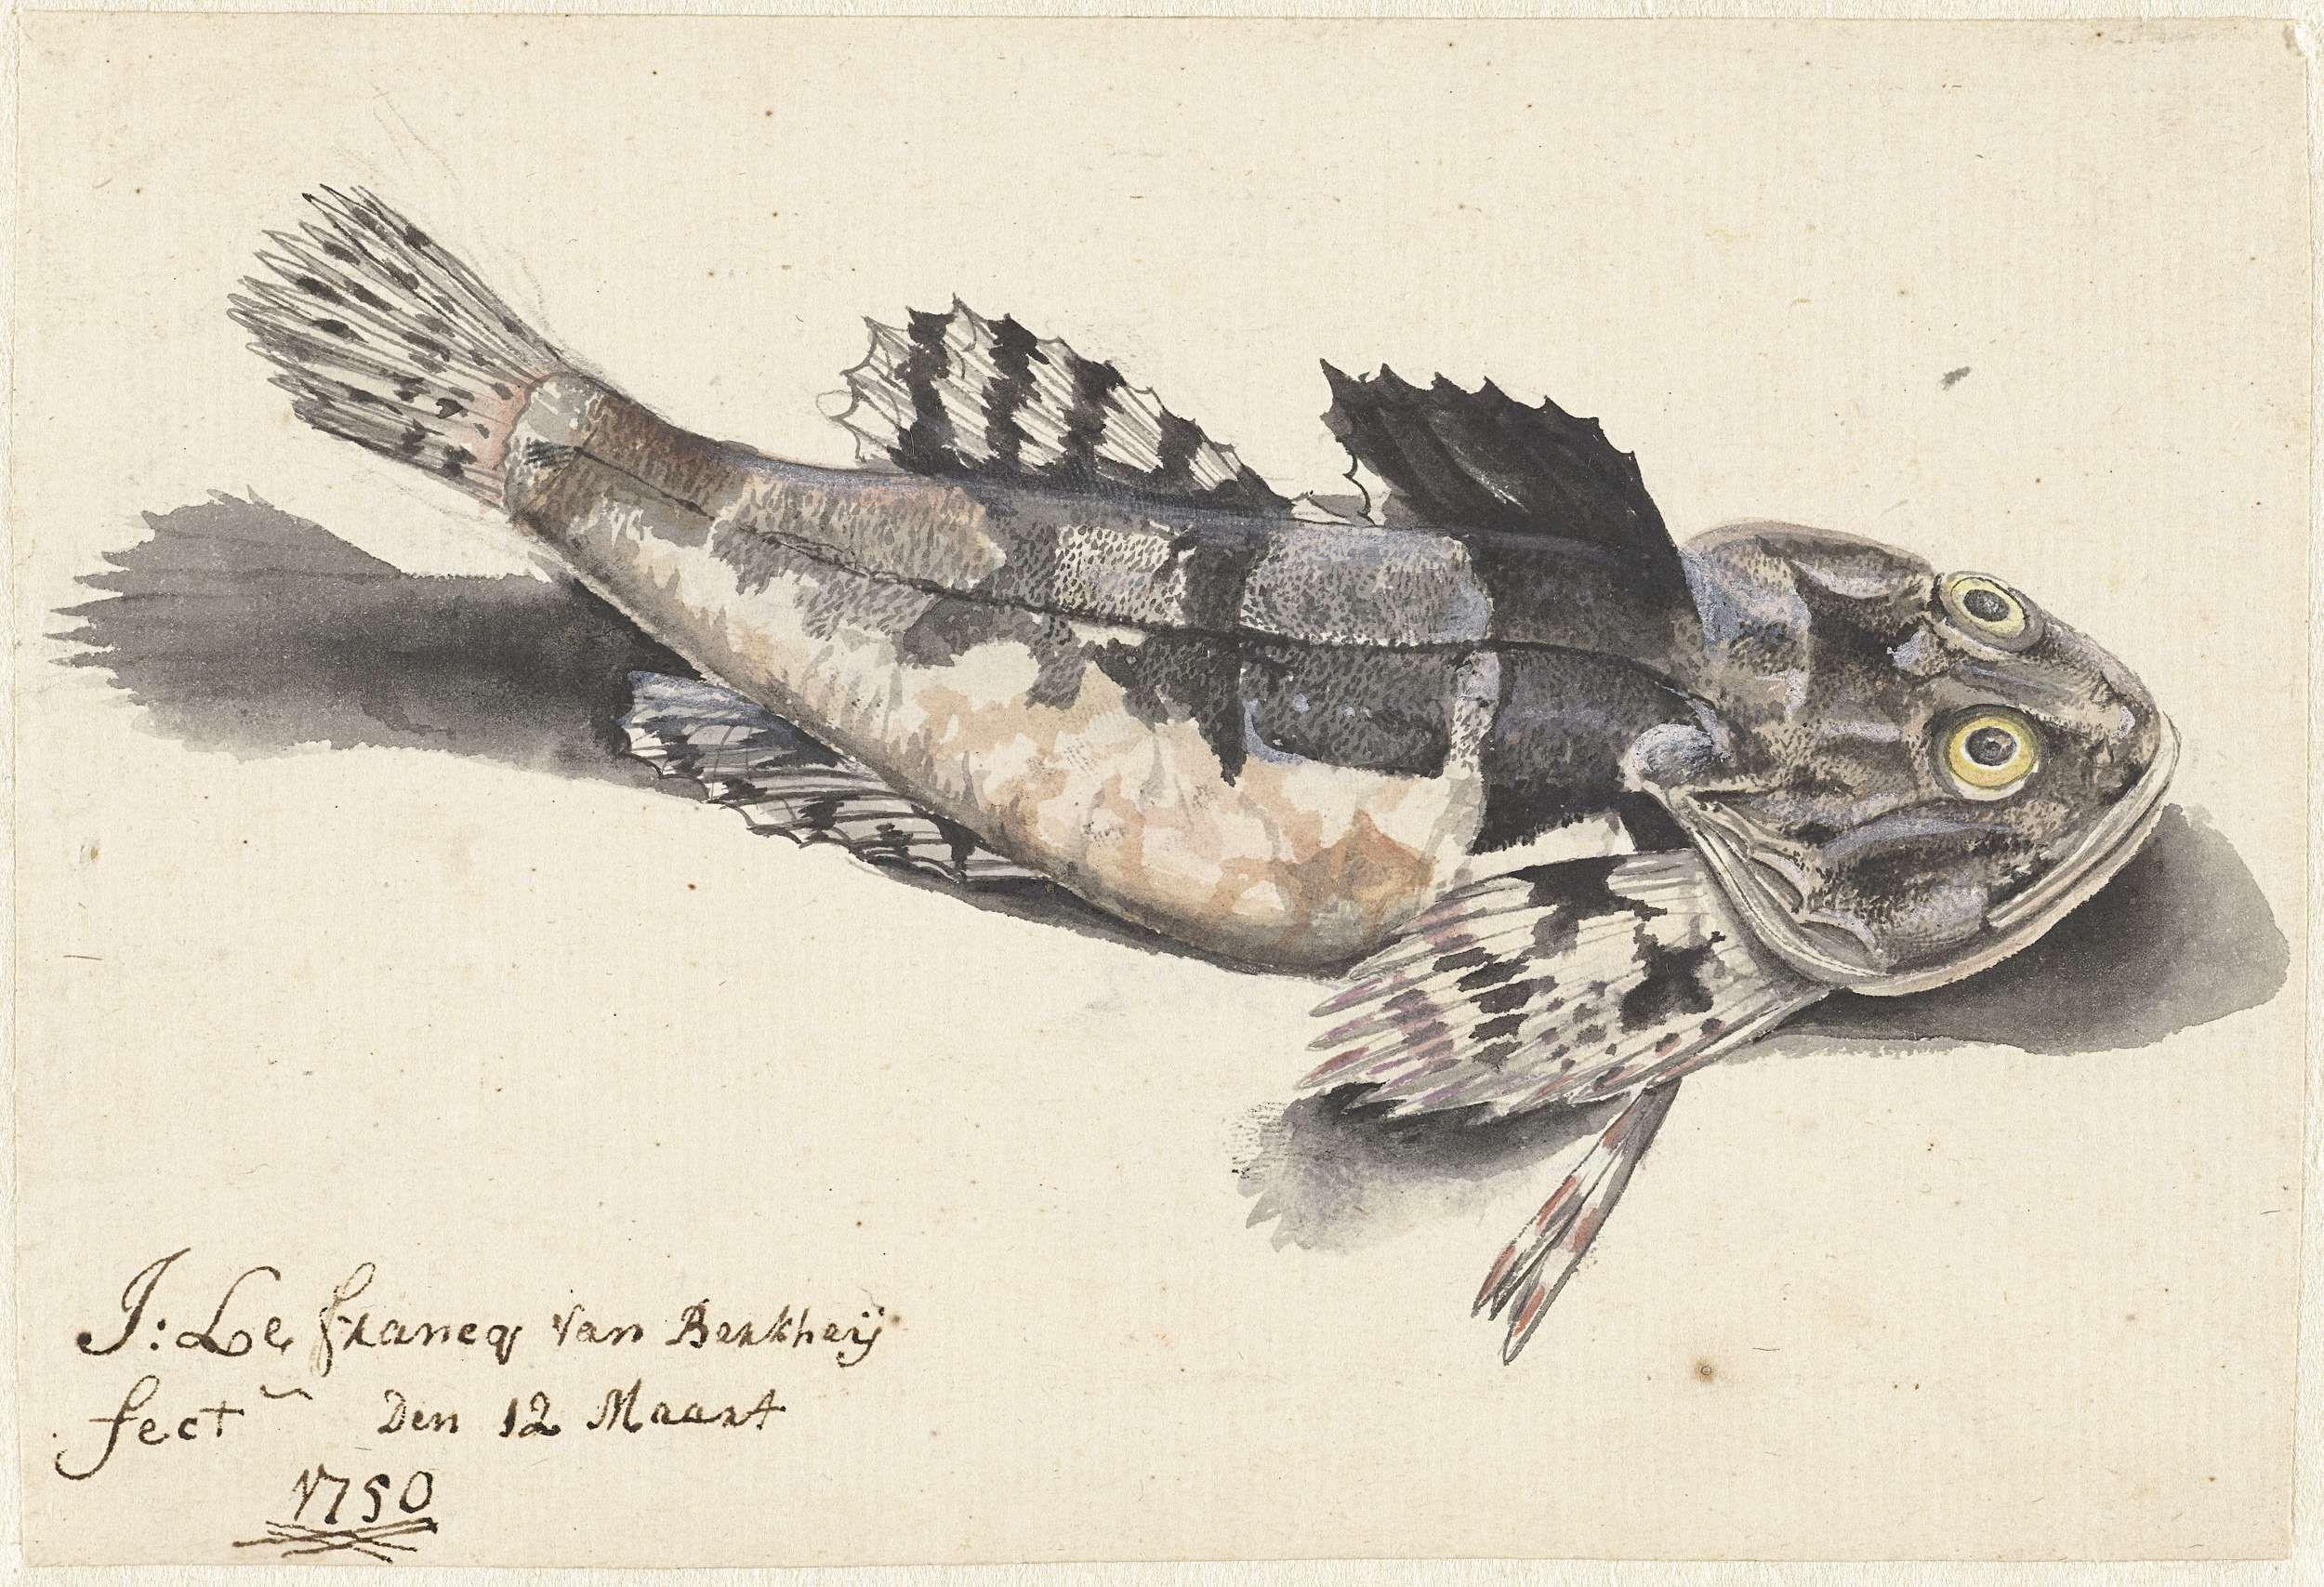 Johannes le Francq van Berkhey | Zeedonderpad, Johannes le Francq van Berkhey, 1750 |